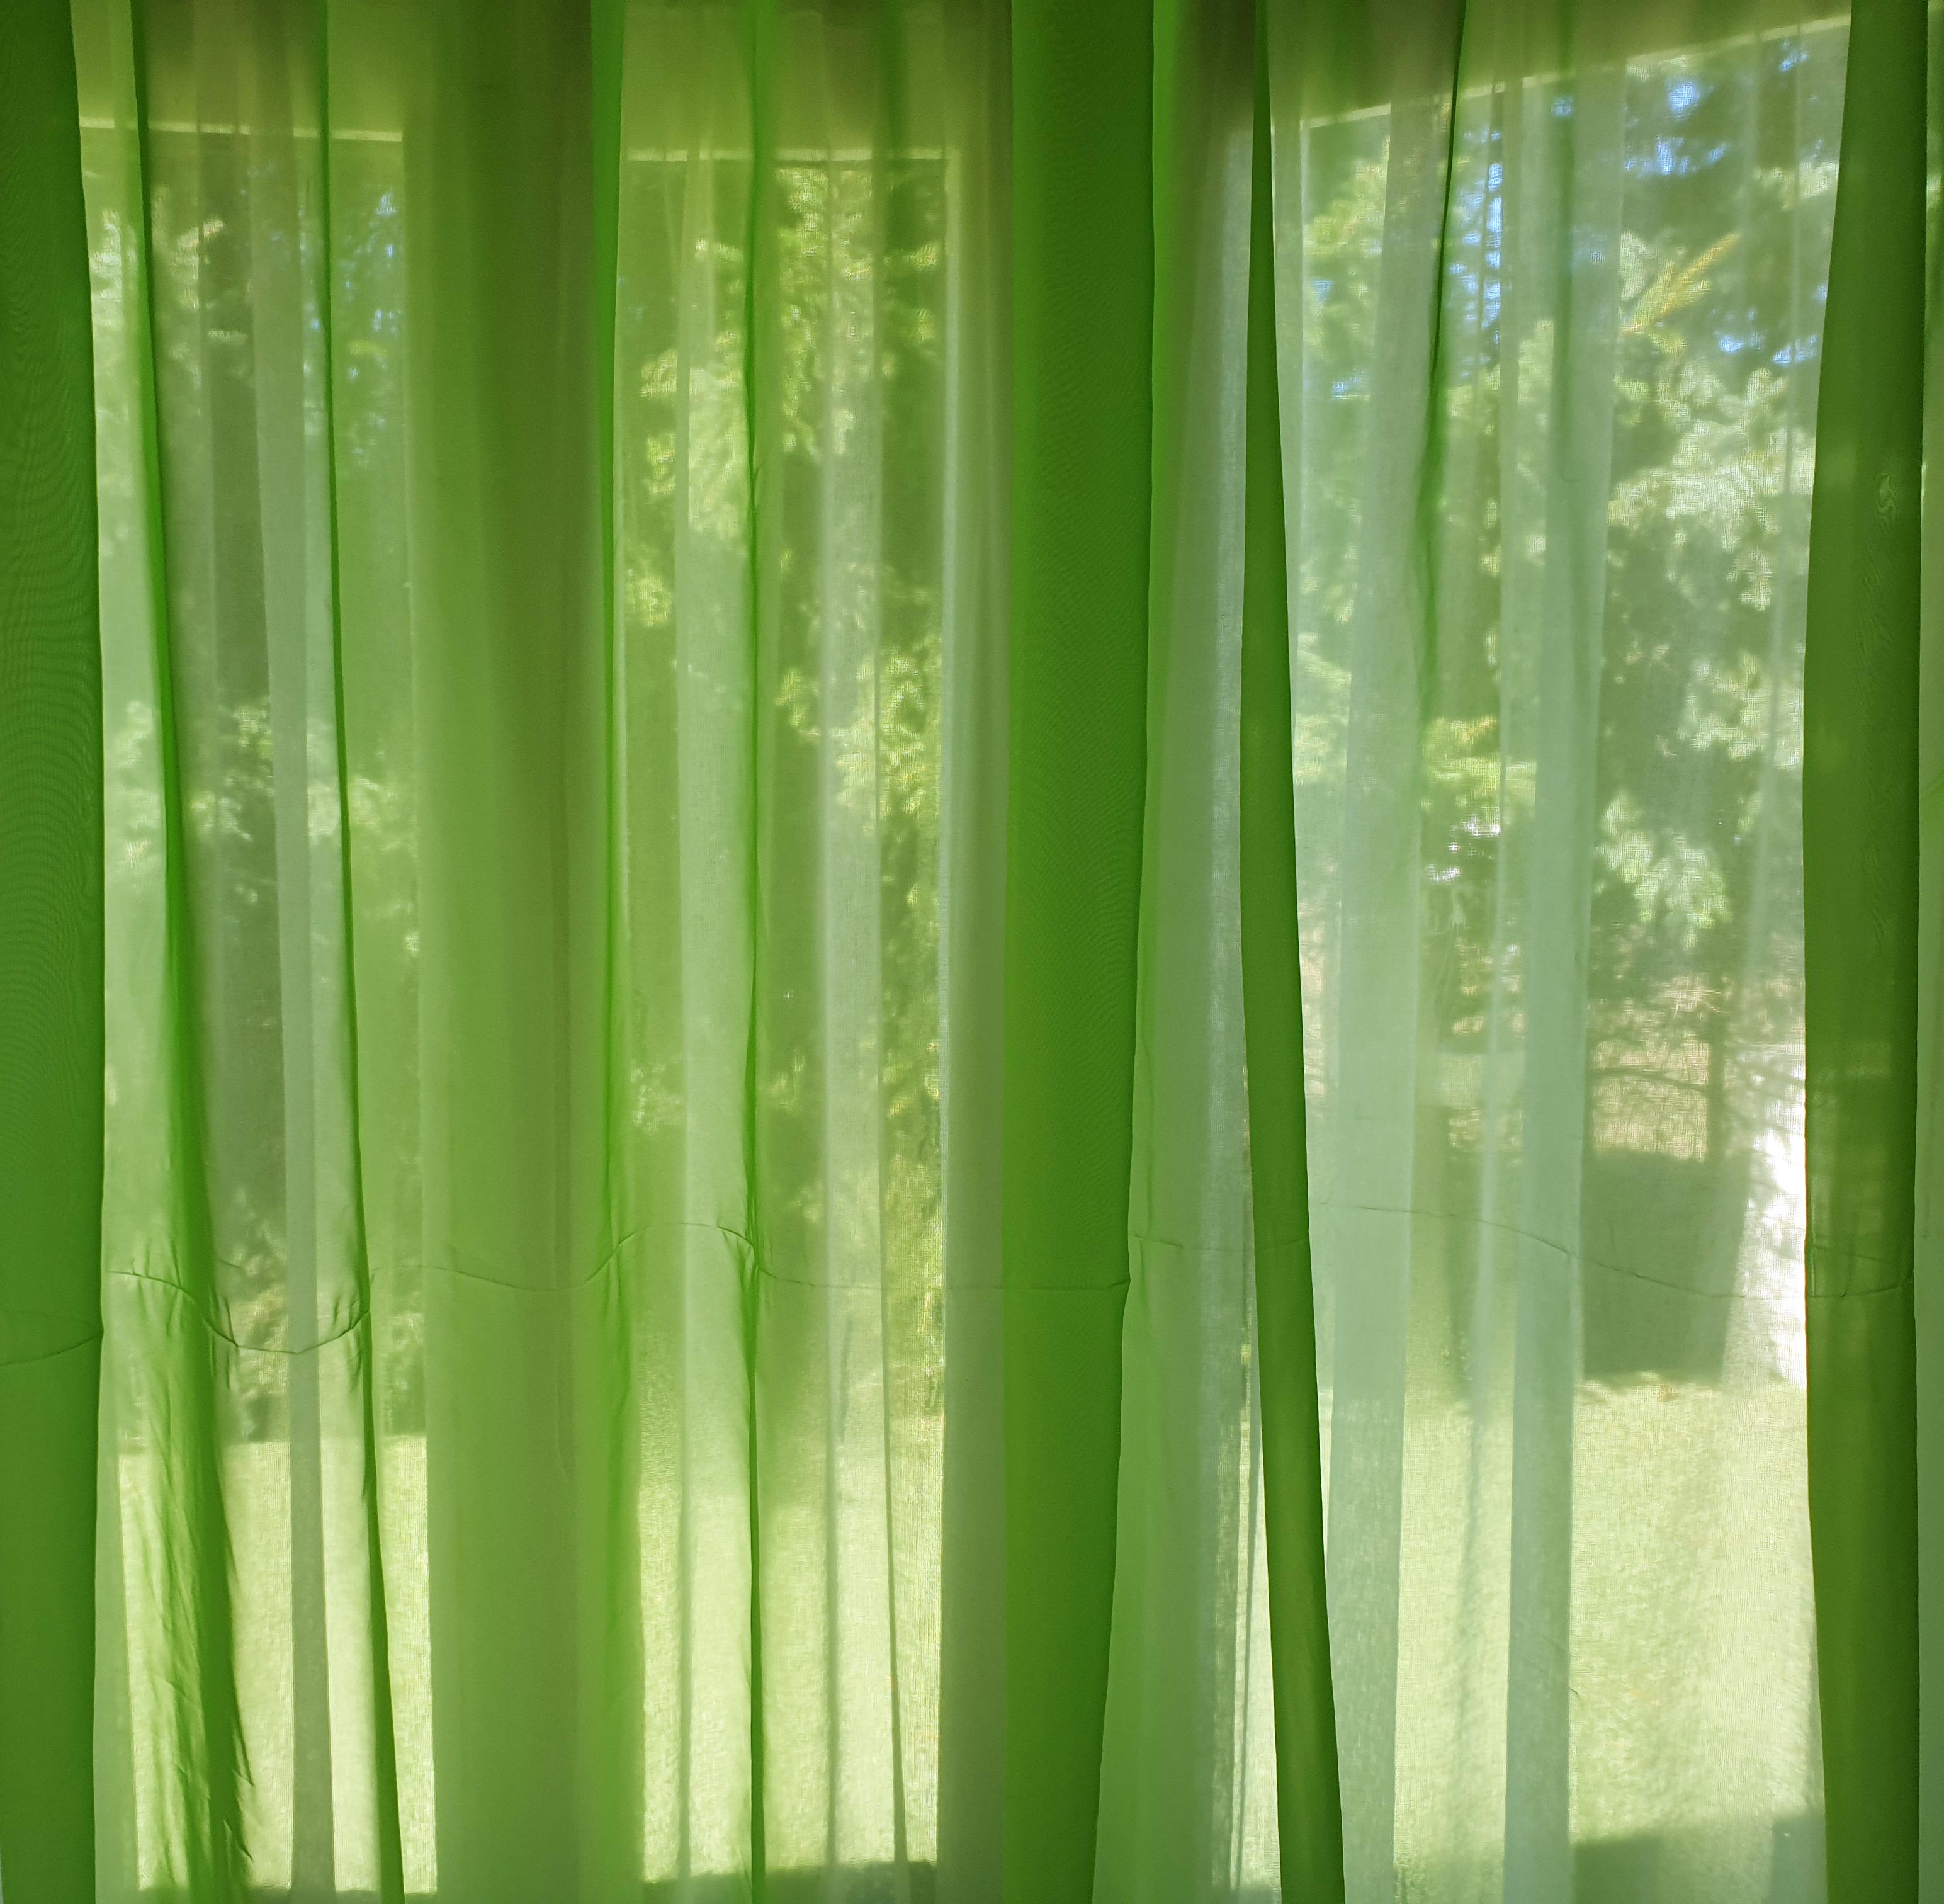 zöld függöny